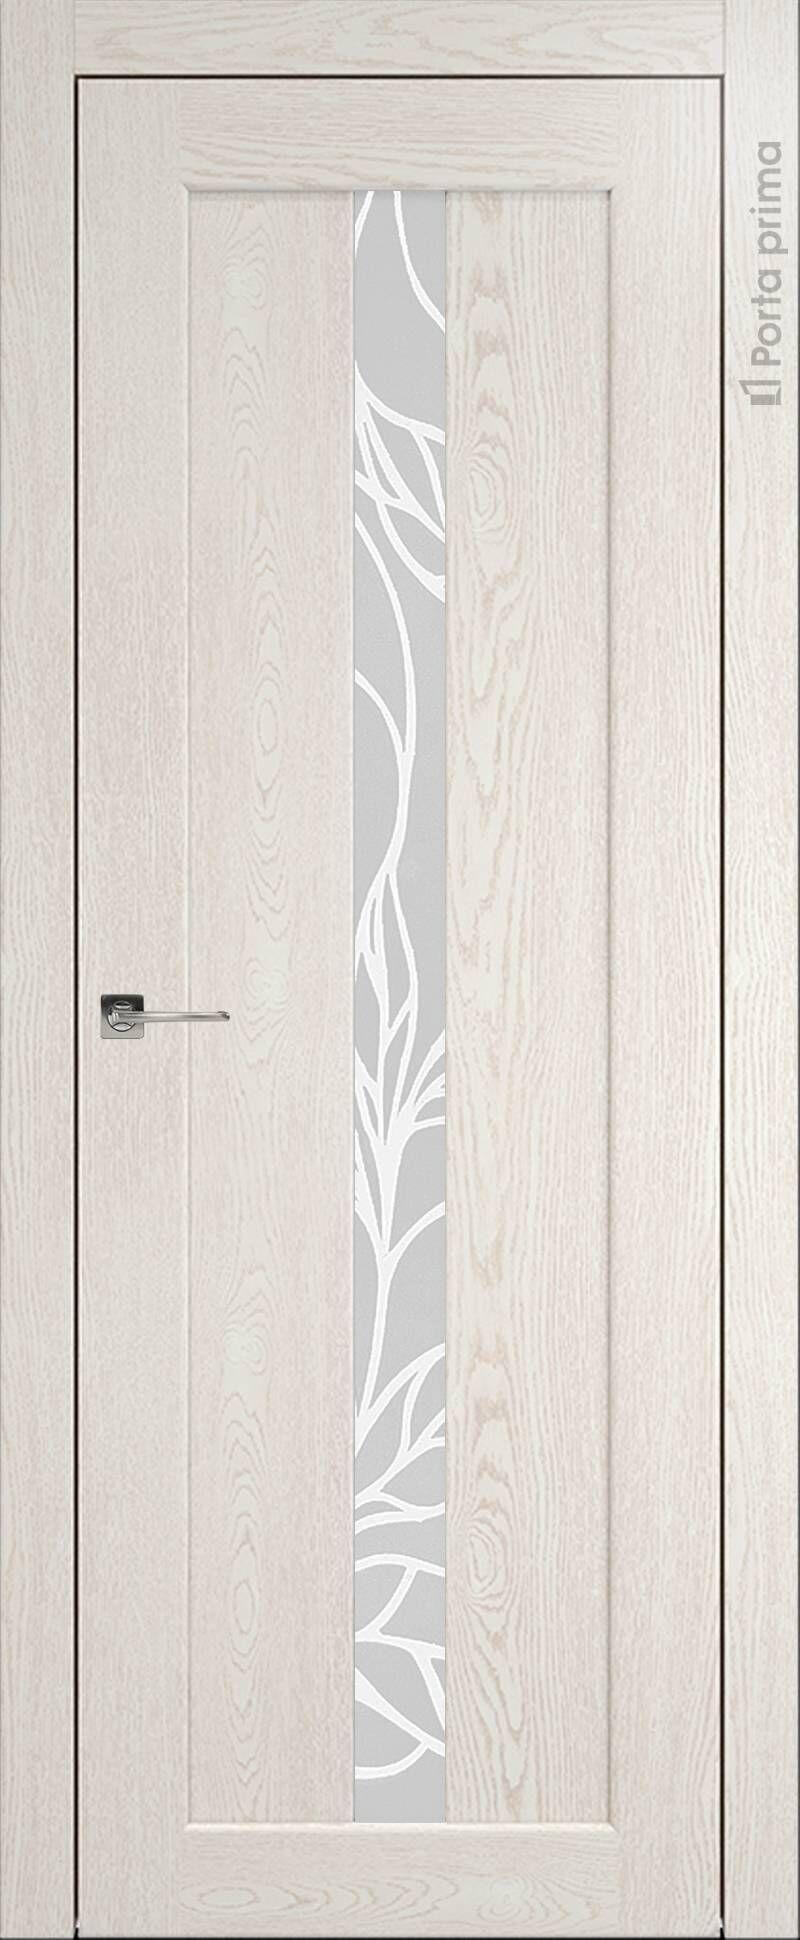 Pianta цвет - Белый ясень (nano-flex) Без стекла (ДГ)